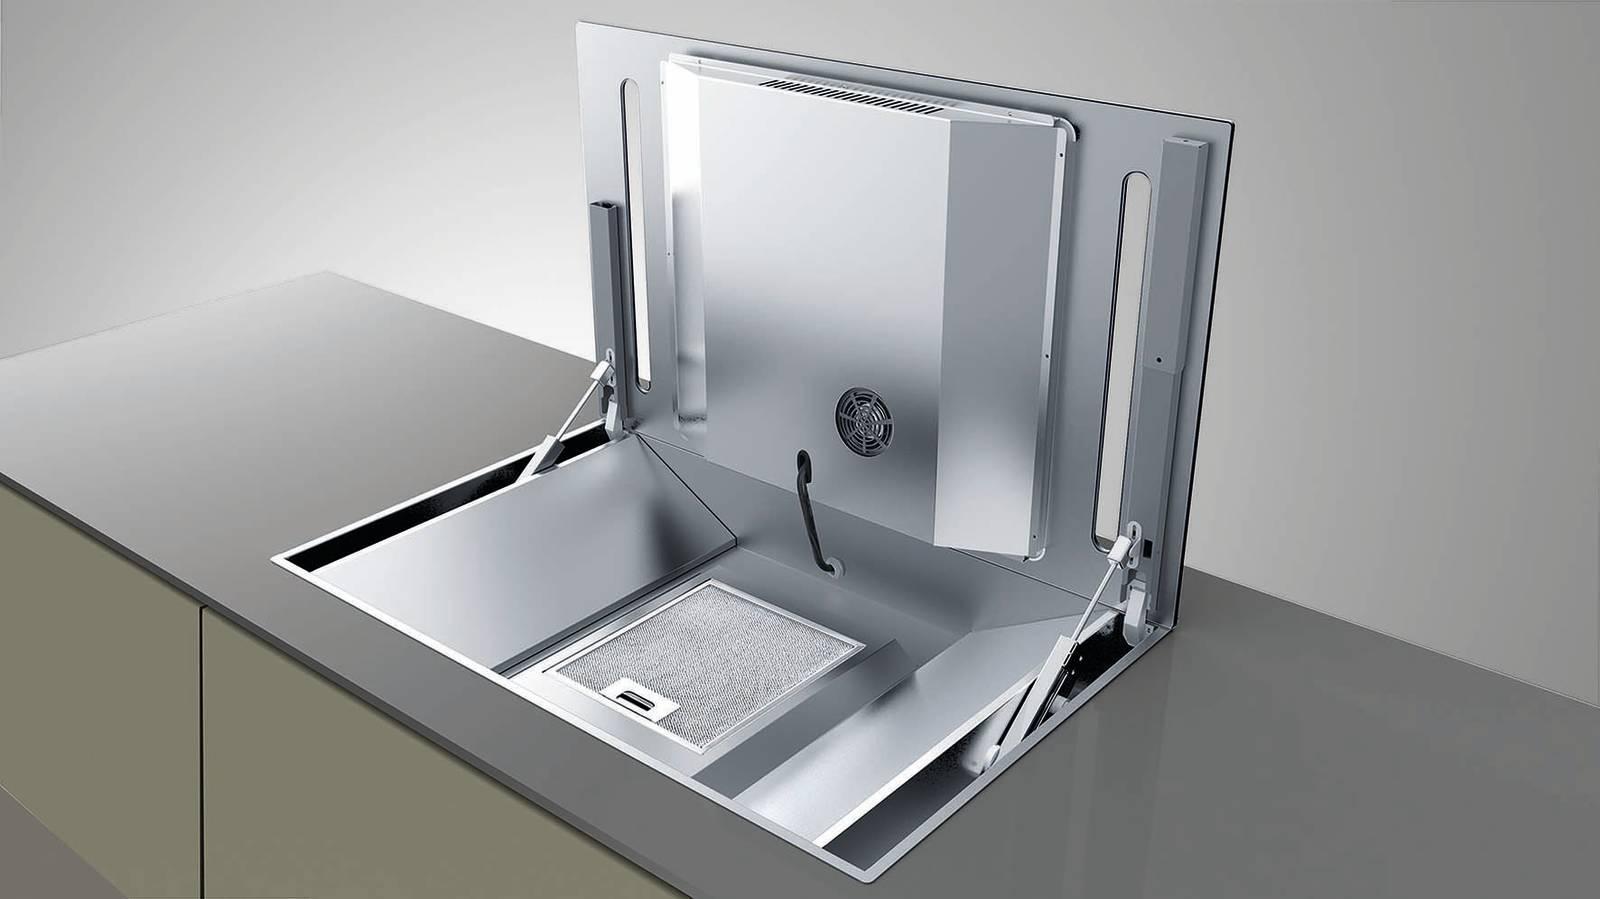 Piano Cottura Aspirante Elica Prezzo cappe integrate nei piani cottura. modelli, prezzi e foto